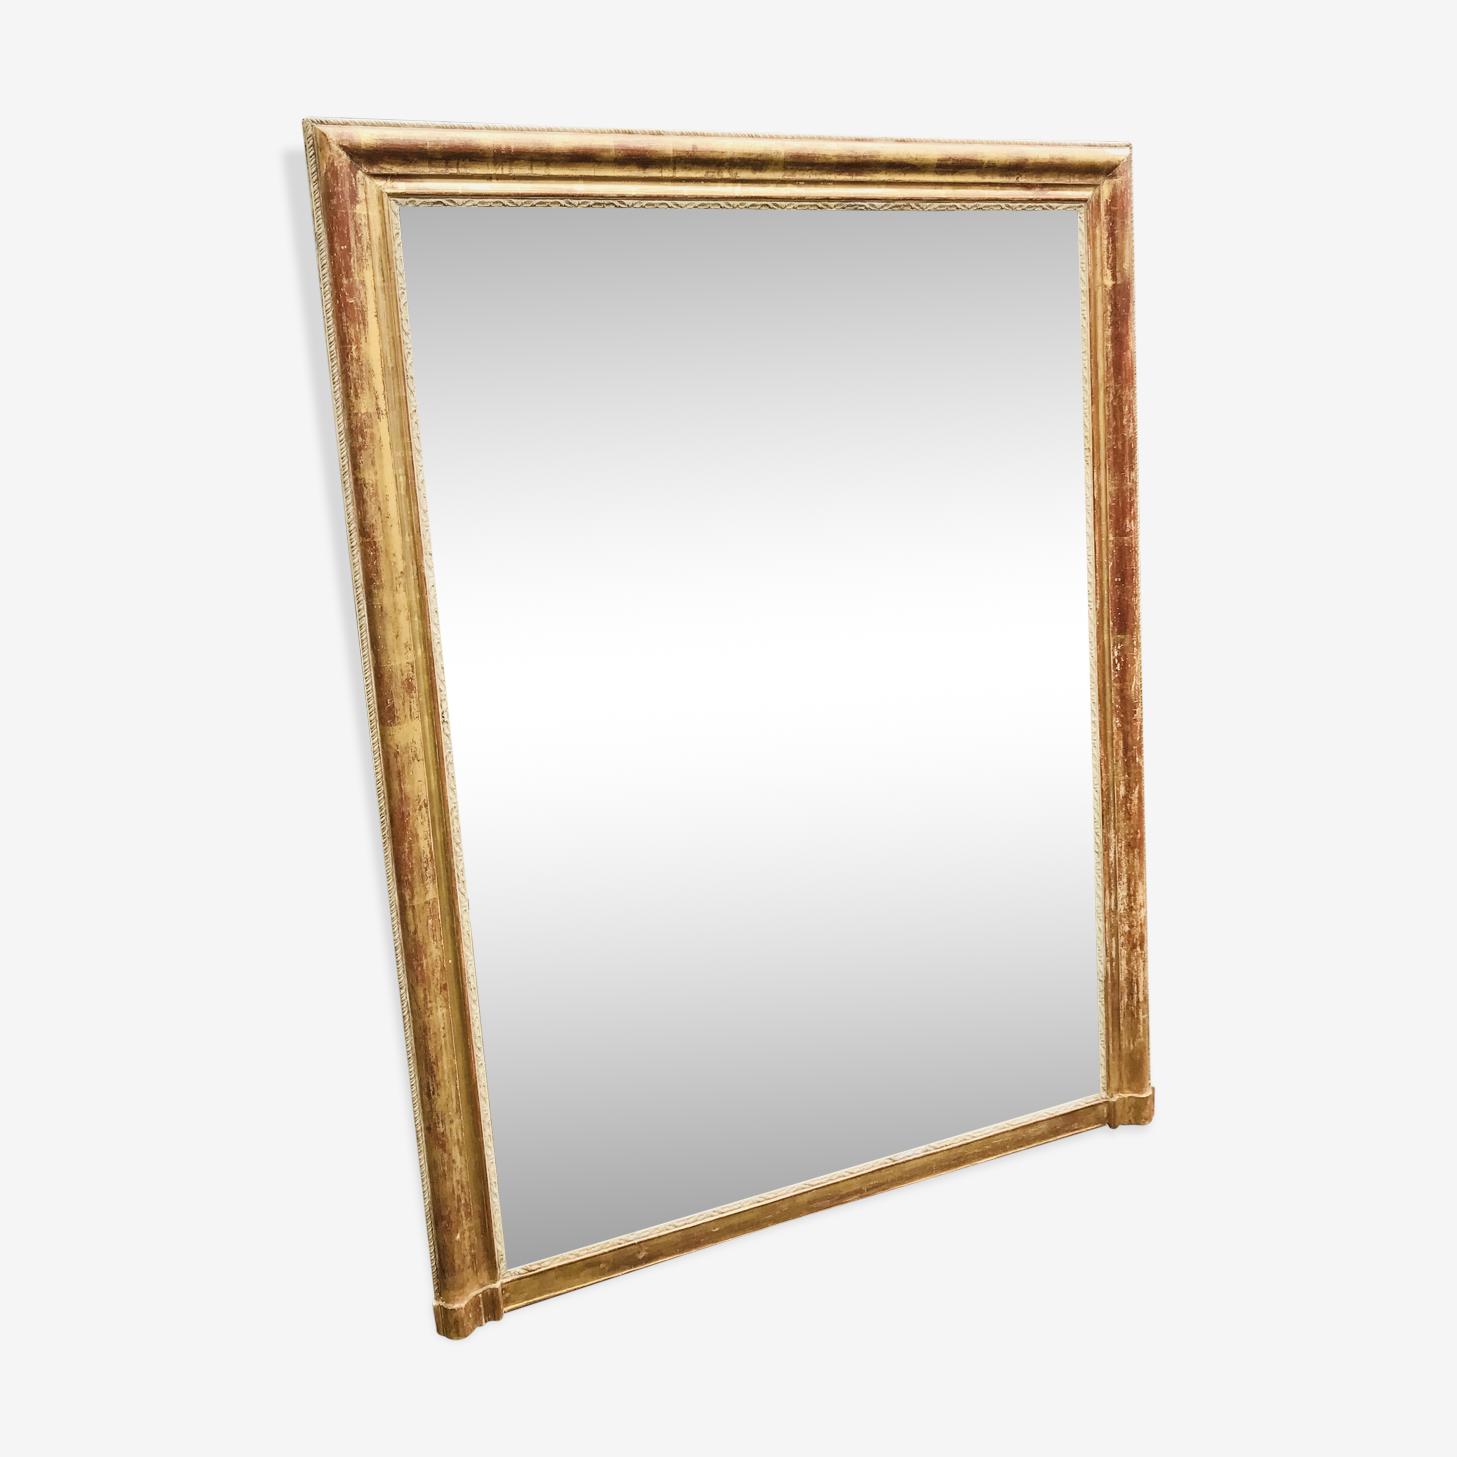 Ancien miroir doré Louis Philippe 171x128cm